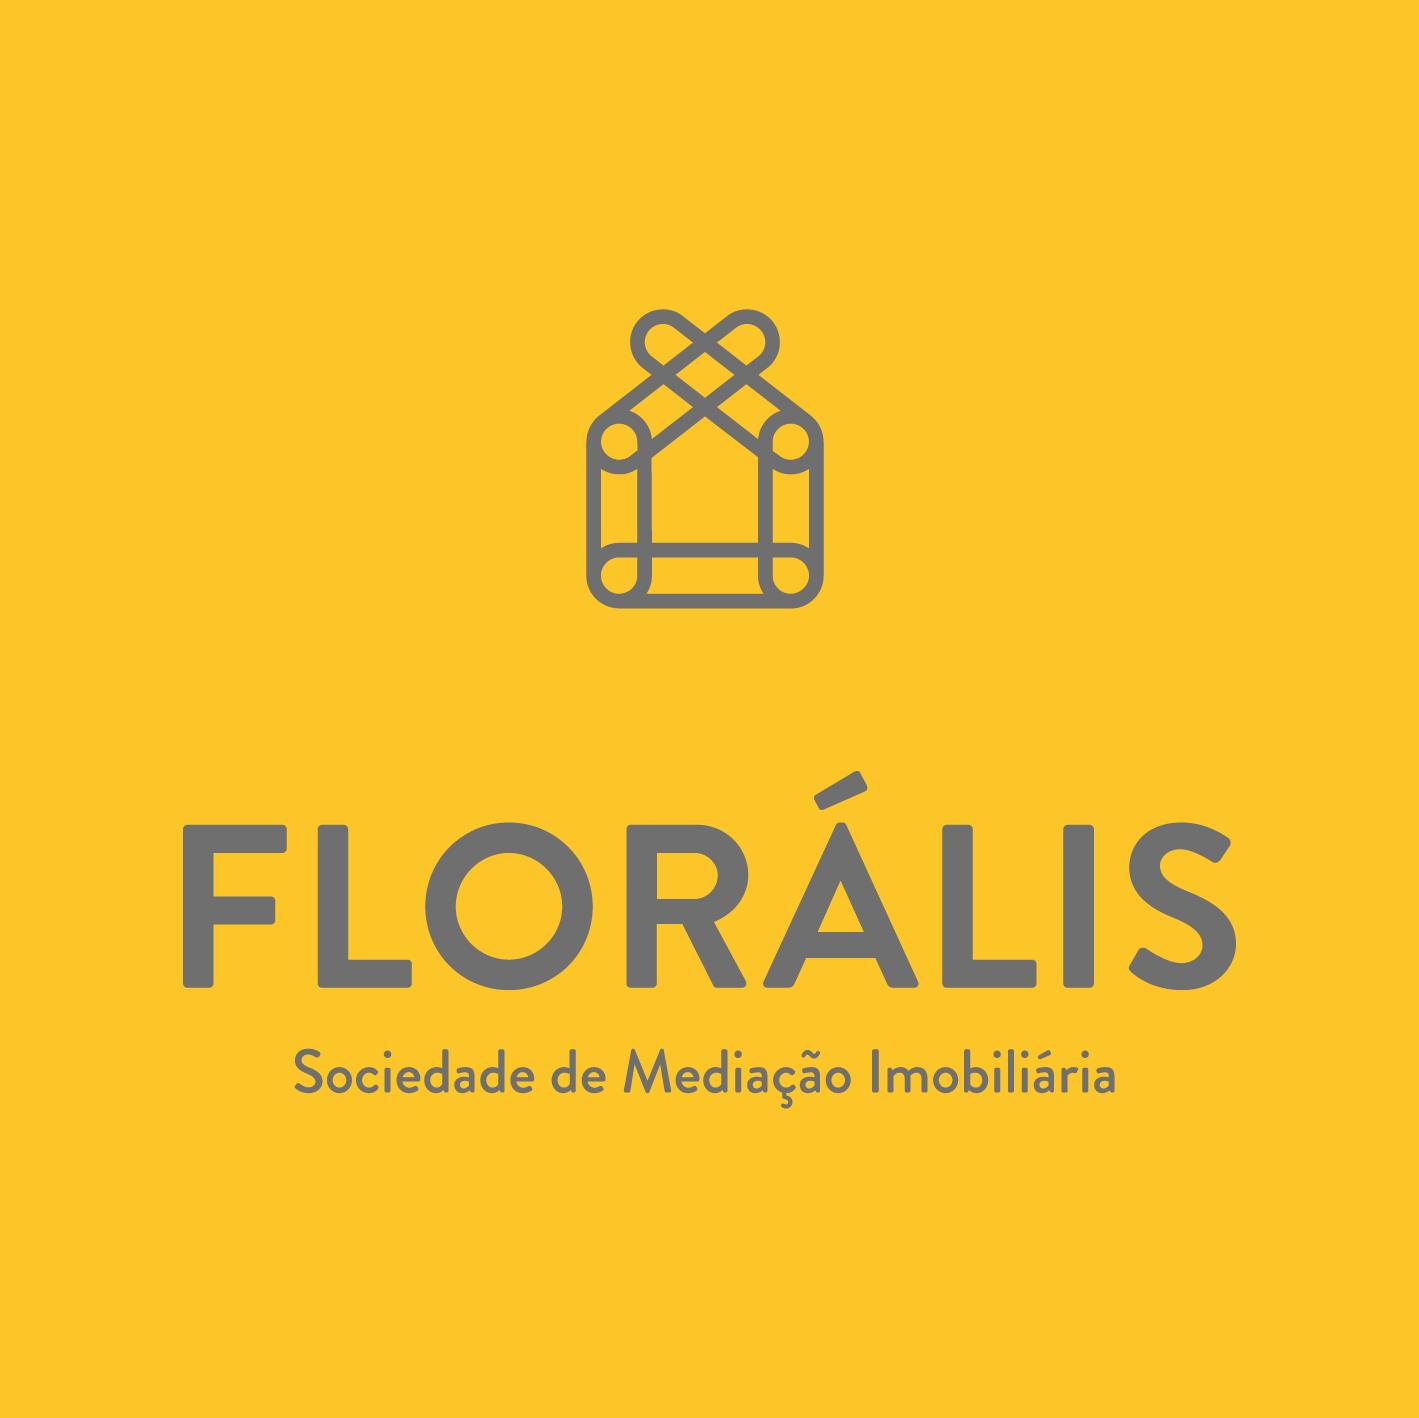 FLORALIS - SOC. MEDIAÇÃO IMOBILIÁRIA, LDA